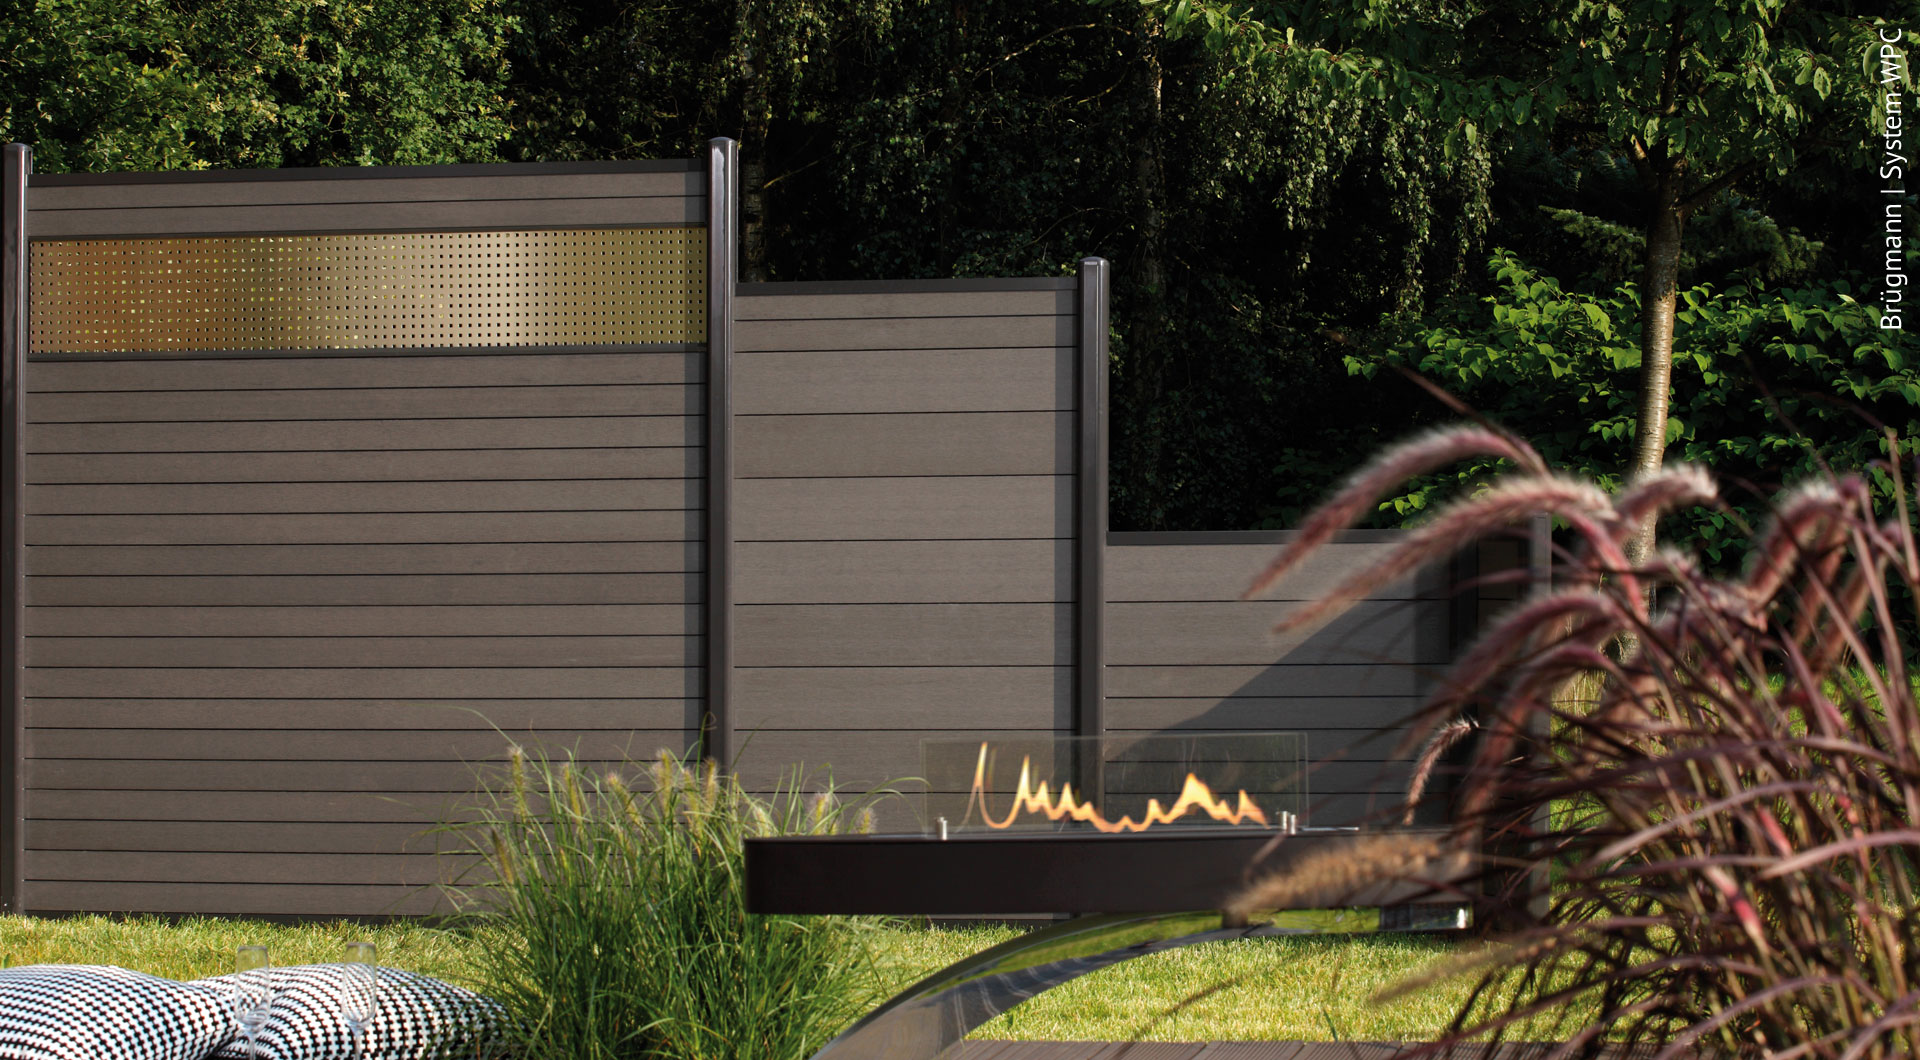 Wpc Zaune Der Sichtschutz Ohne Pflegeaufwand Holz Roeren Gmbh